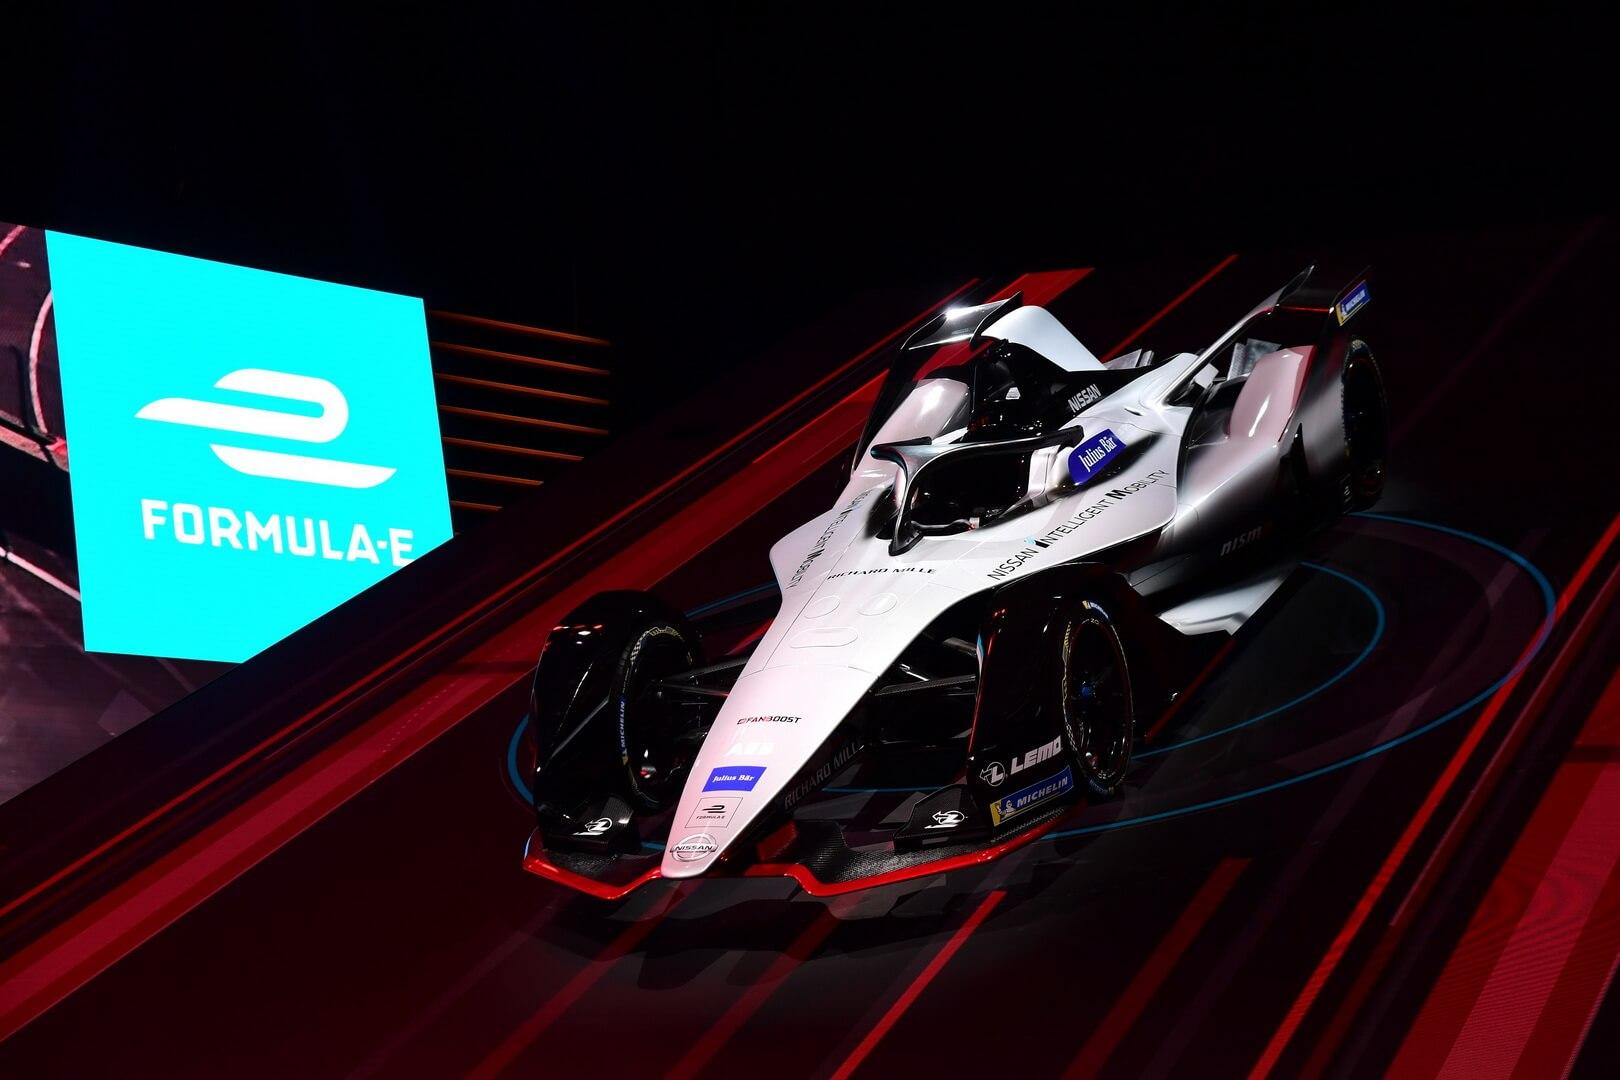 Концепт гоночного автомобиля Nissan для Formula E